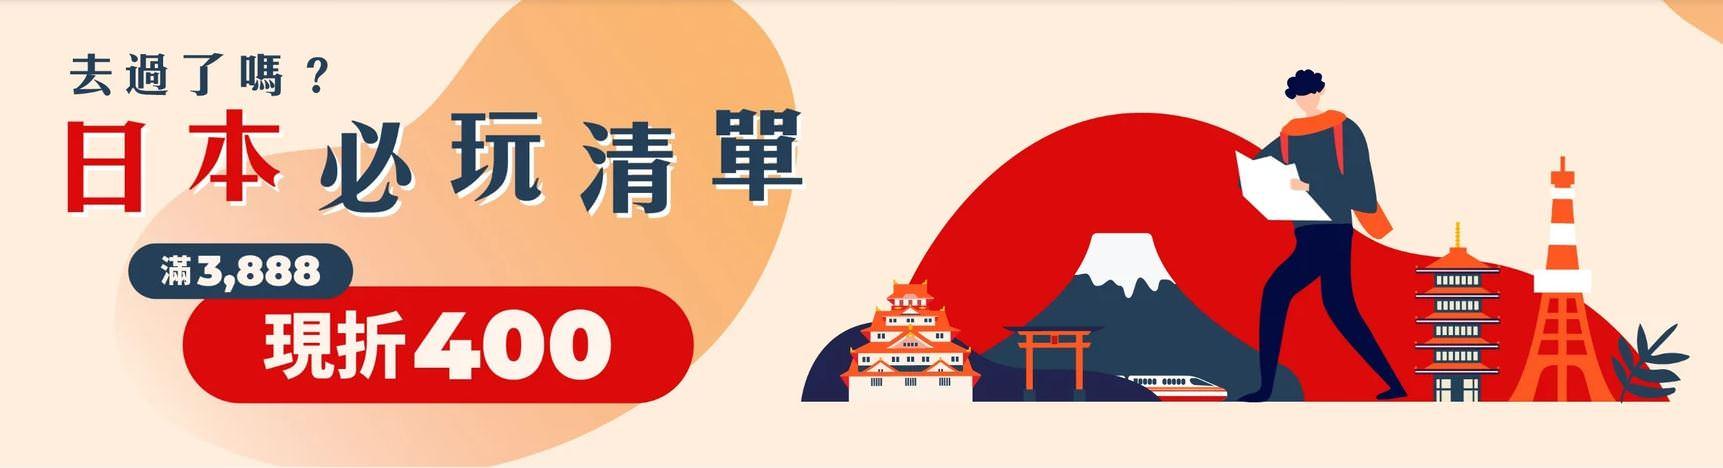 【2021東京賞櫻】東京賞櫻景點、花期預測、夜櫻時間、交通、住宿全攻略 - threeonelee.com